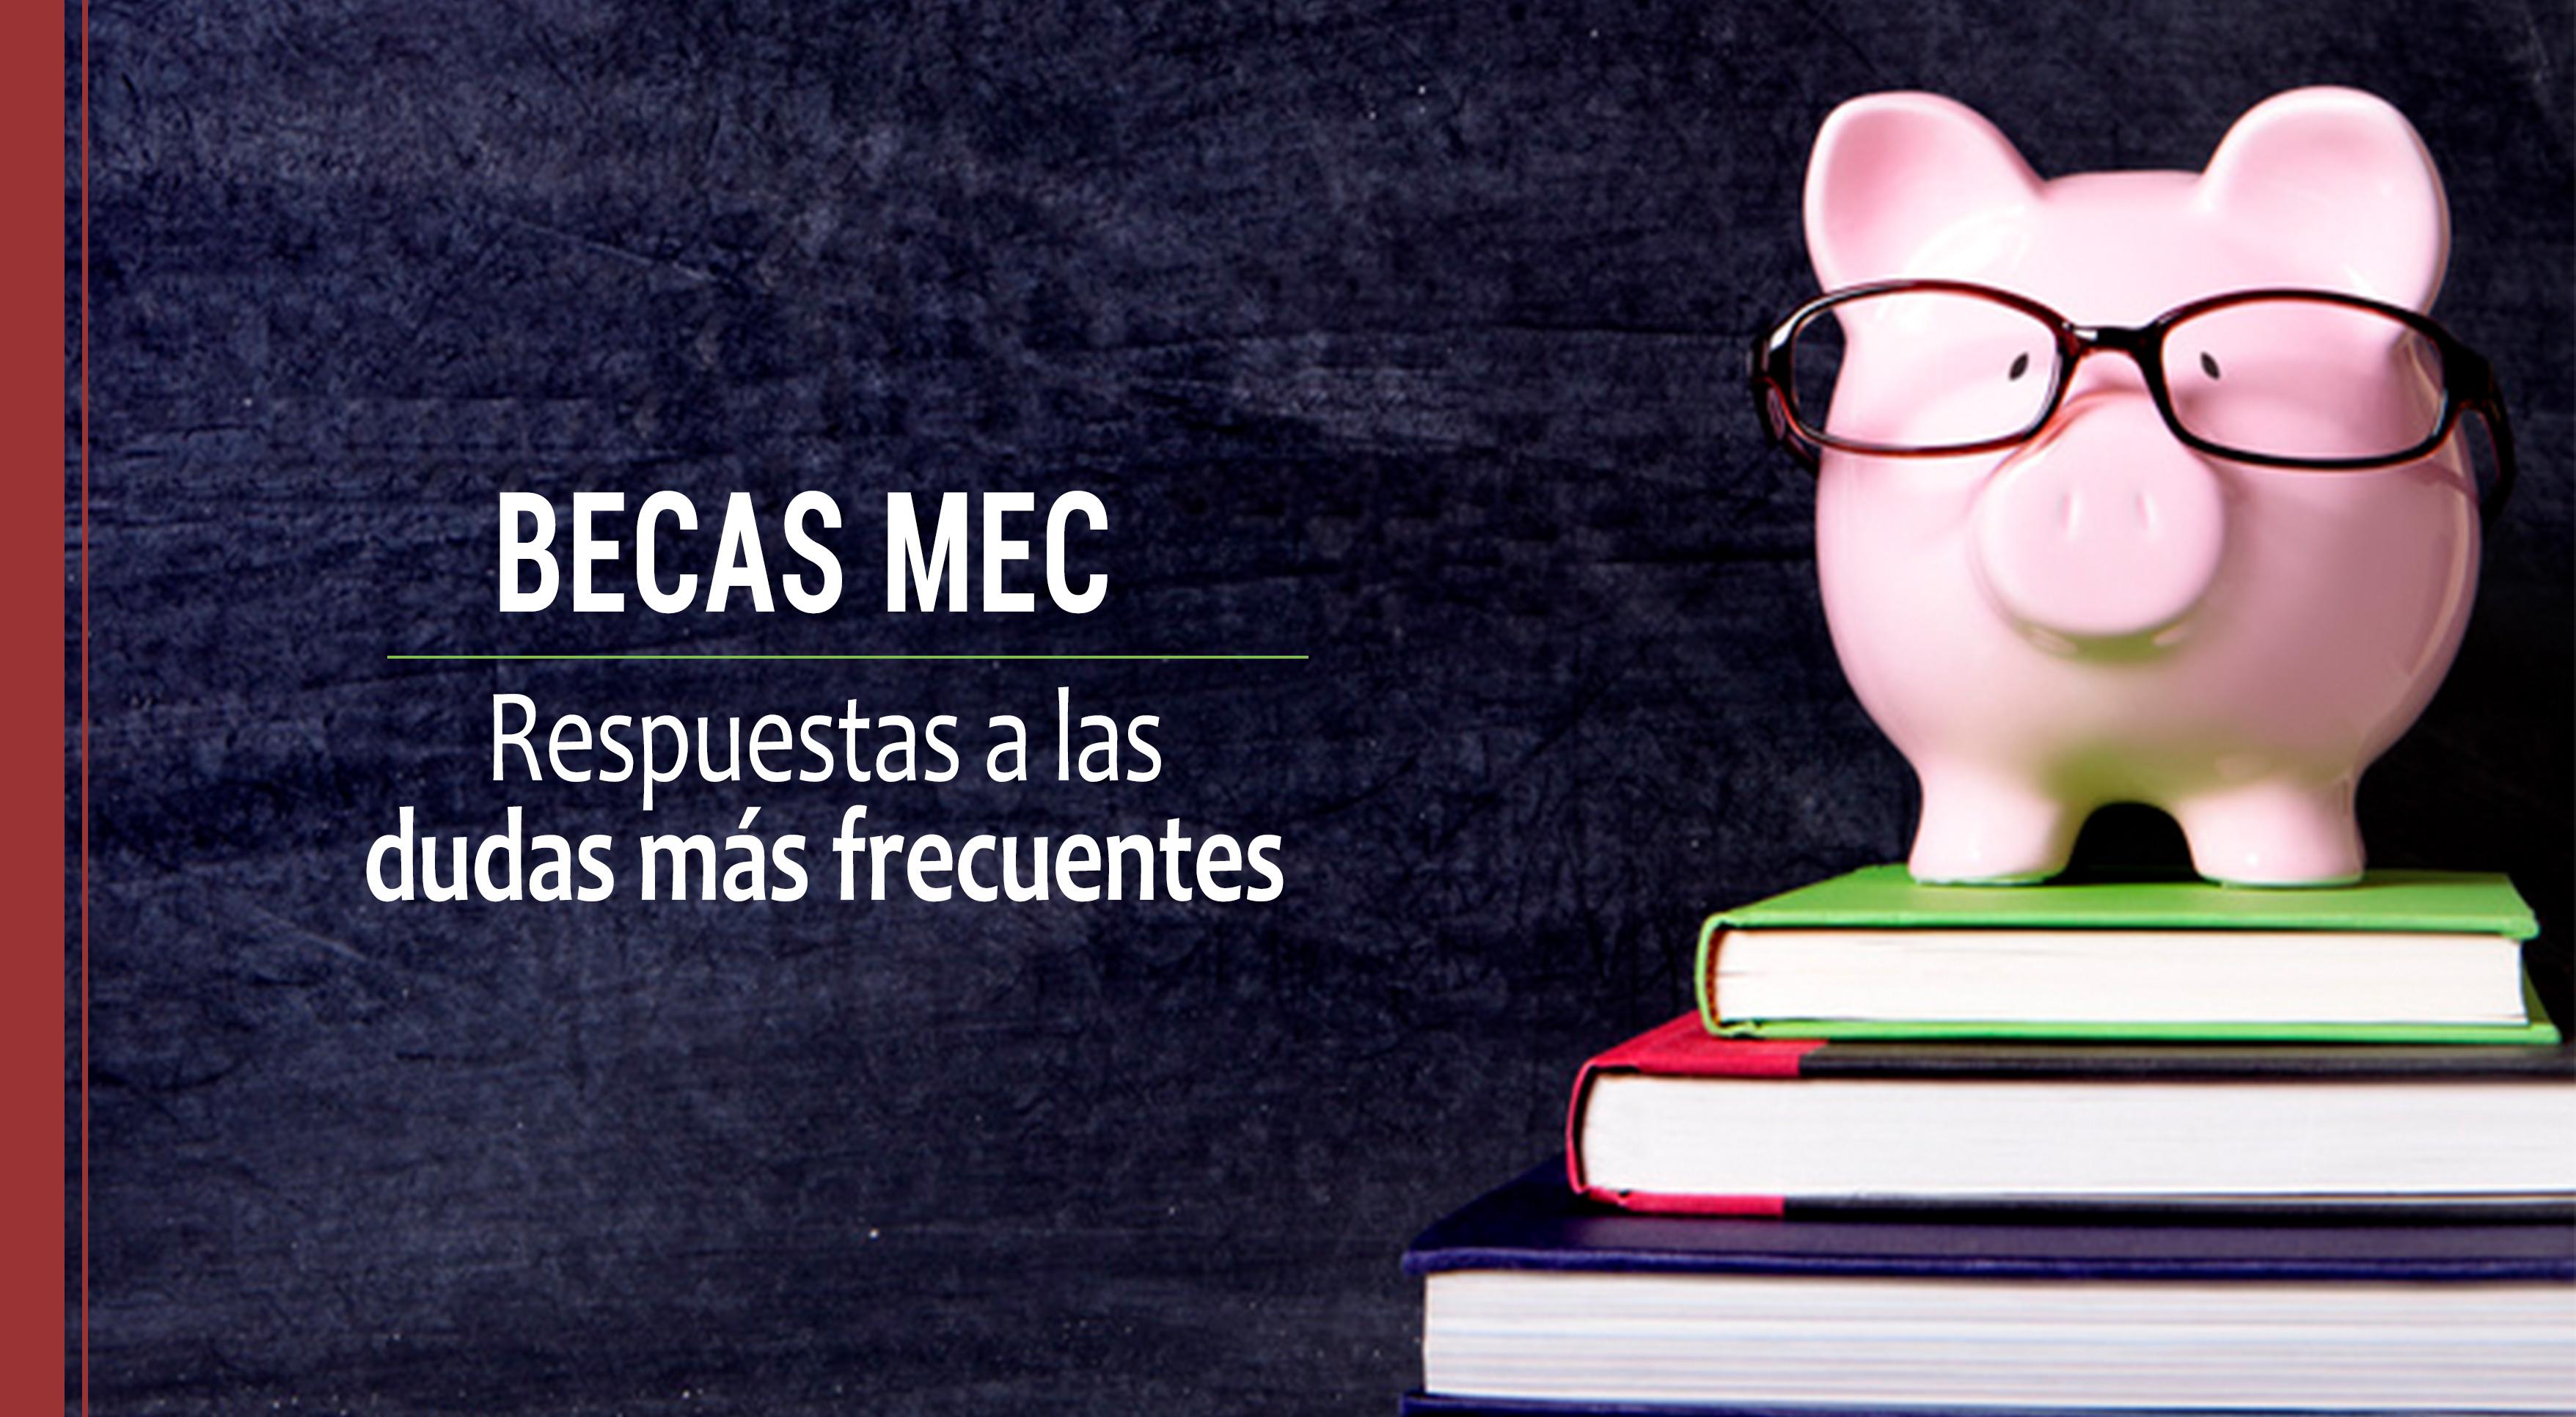 becas-mec-dudas-mas-frecuentes Dudas sobre las Becas MEC en España: cómo aplicar para masters oficiales